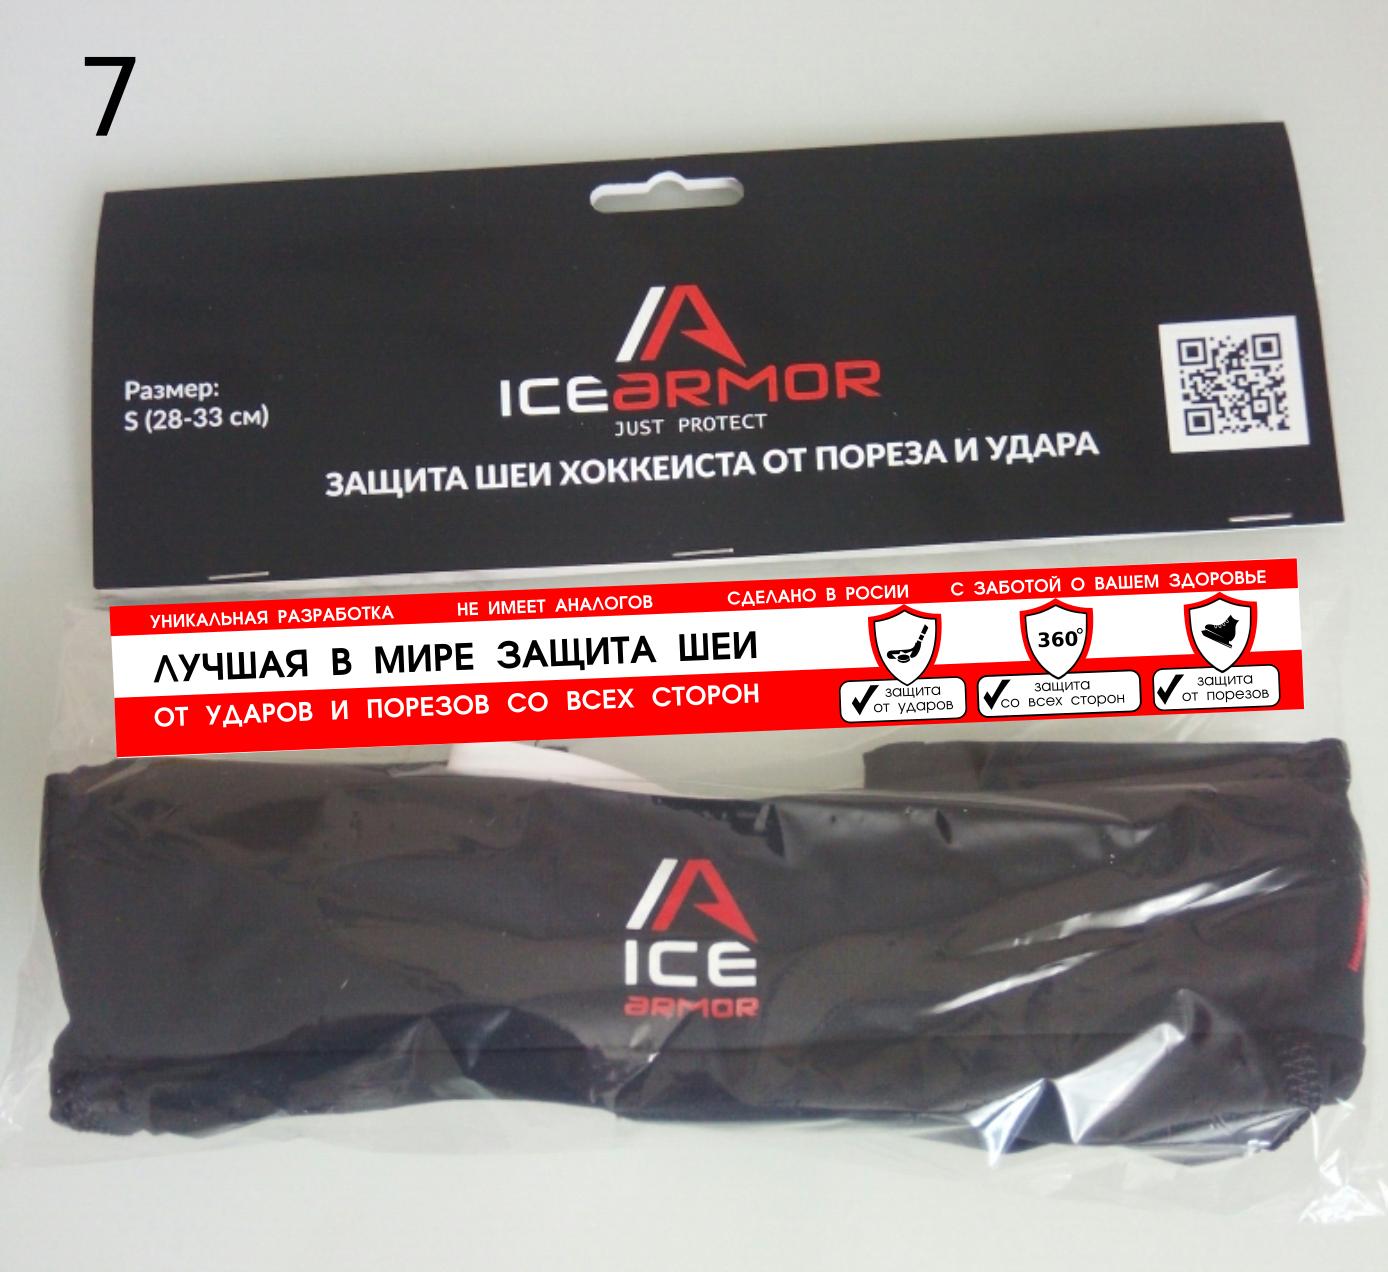 Дизайн продающей наклейки на упаковку уникального продукта фото f_4605b2344fc2d89d.png